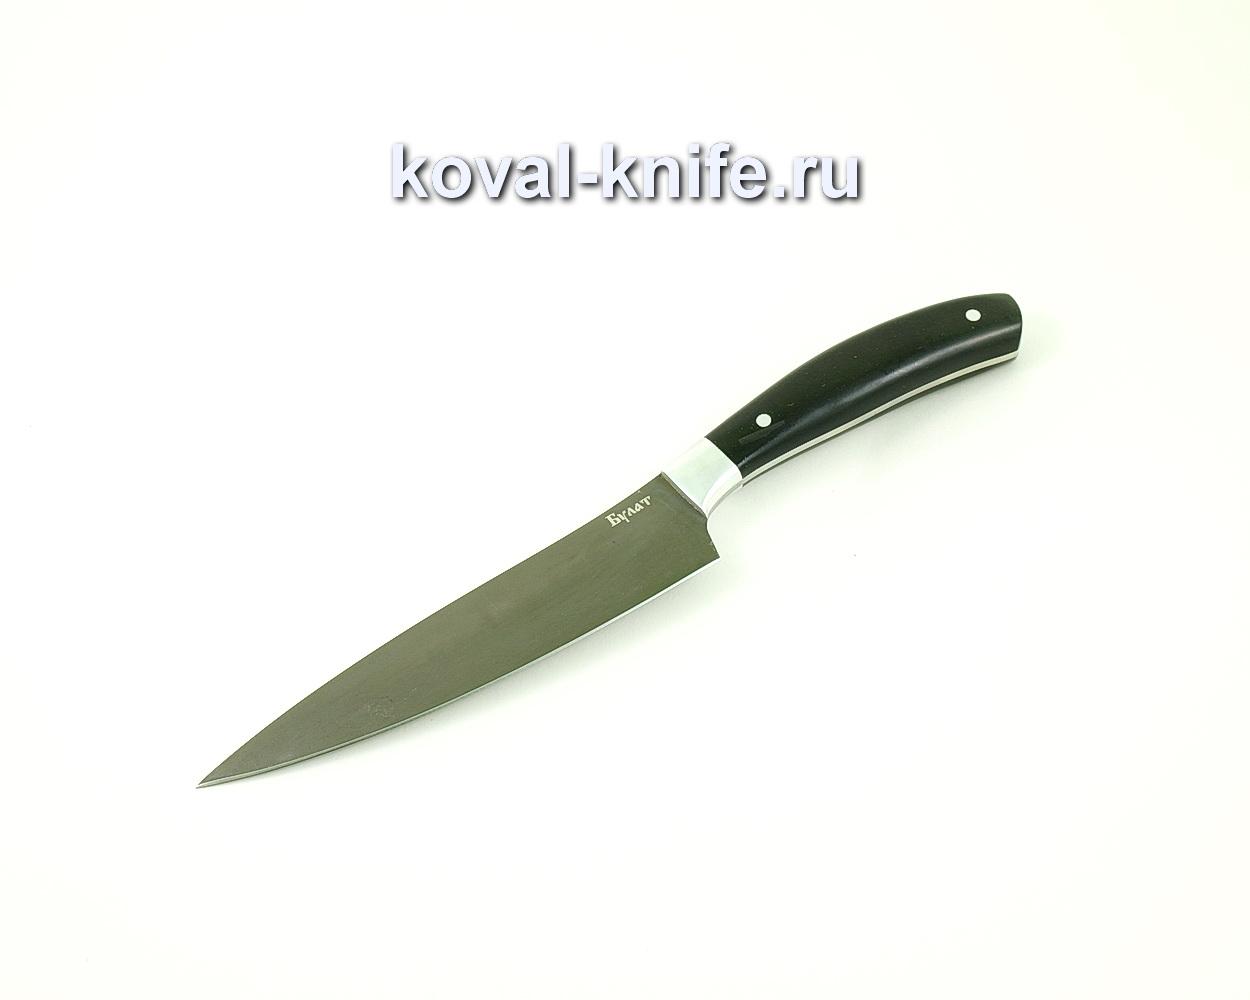 Нож из булатной стали Поварской средний (Легированный булат, рукоять эбонит) A452